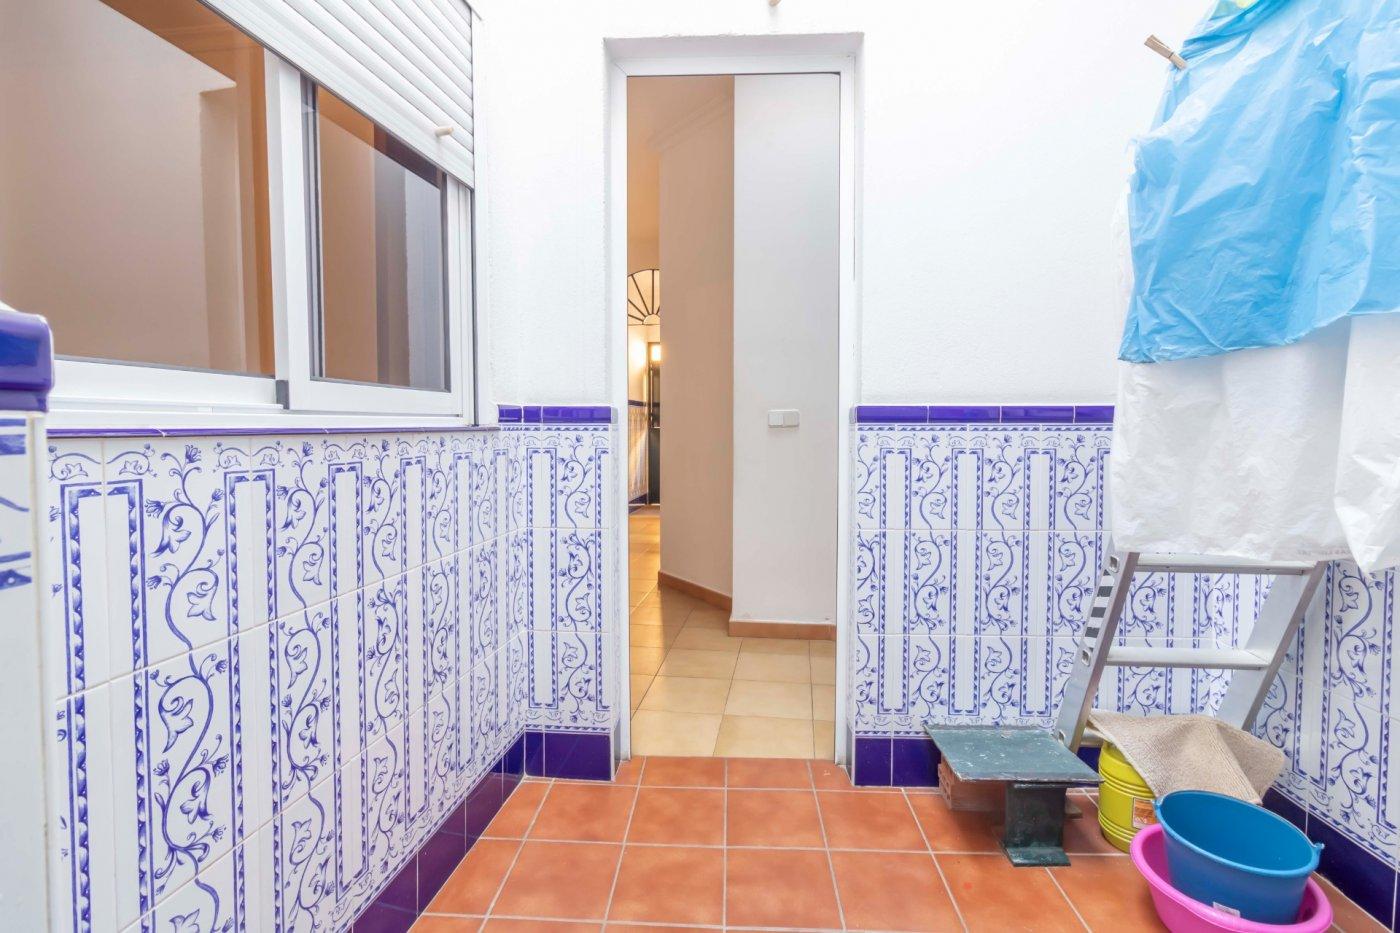 2 pisos a la venta por el precio de uno en zona padre pÍo - imagenInmueble4